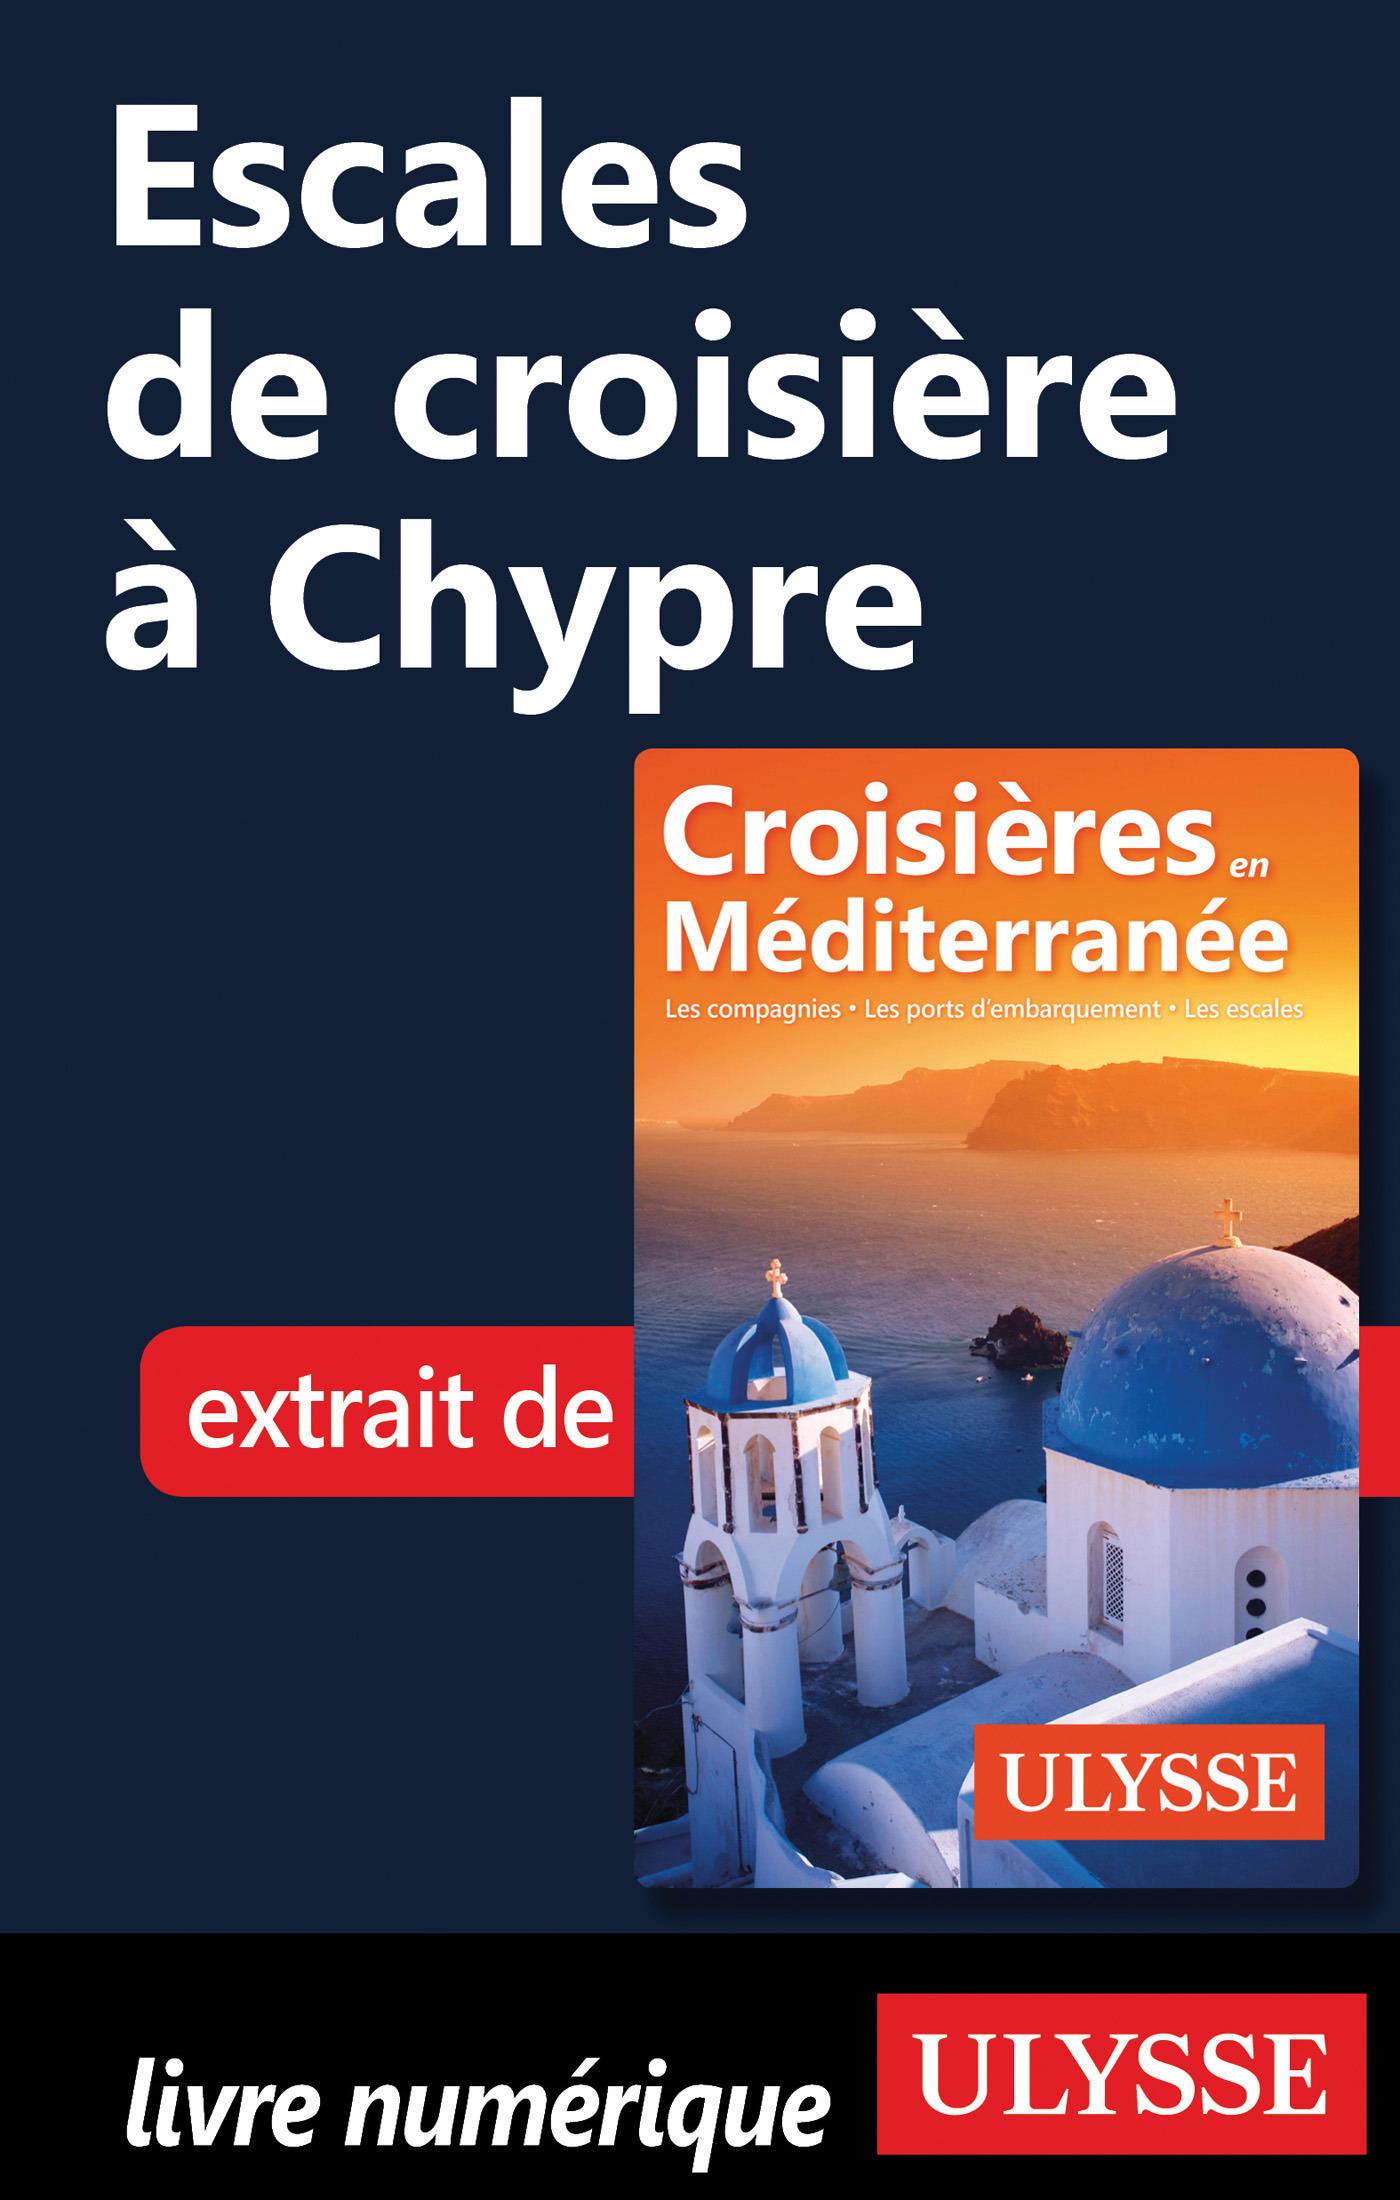 Escales de croisière à Chypre